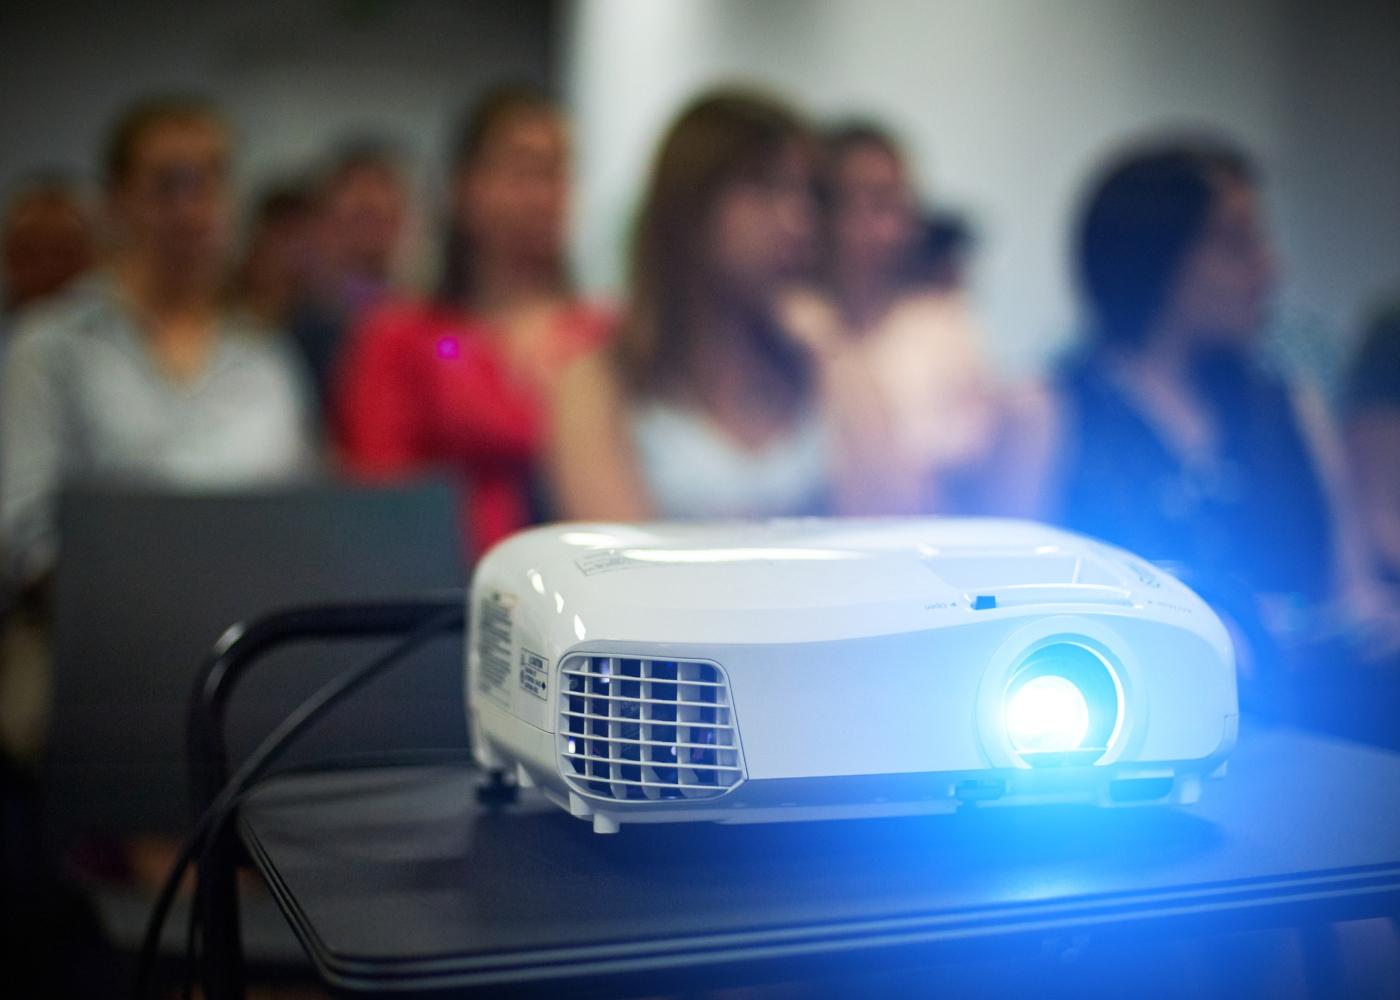 projetor em sala de aula ligado